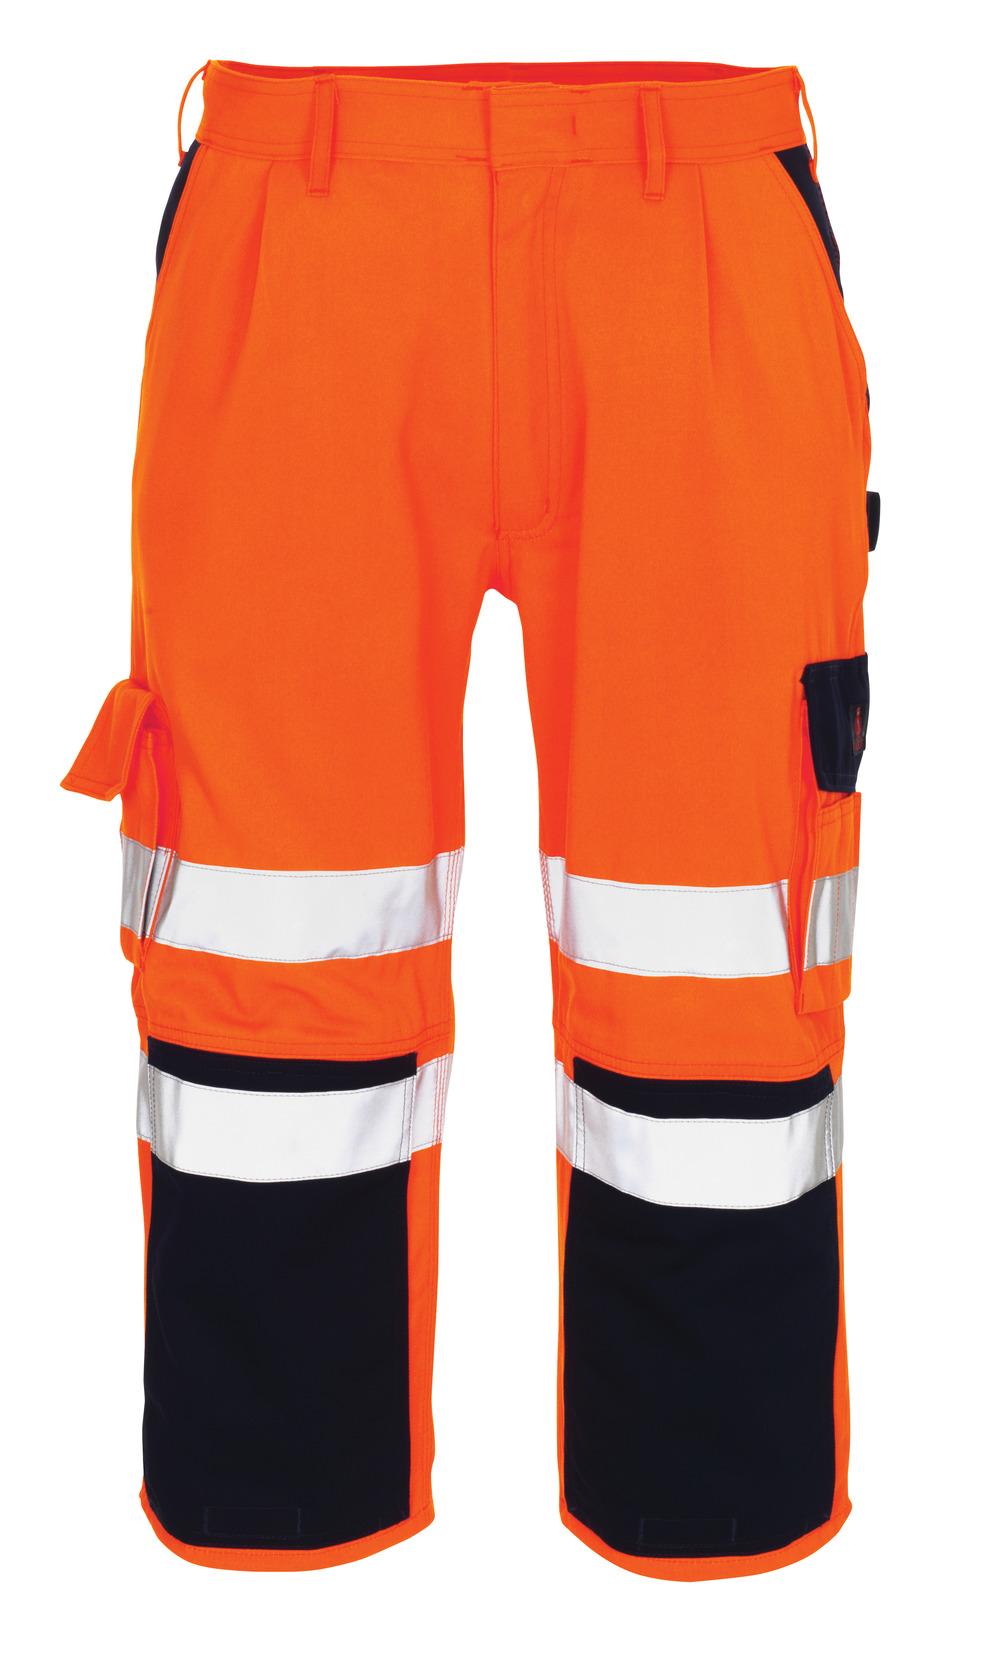 07149-860-141 Pantacourt avec poches gensouillères - Hi-vis orange/Marine